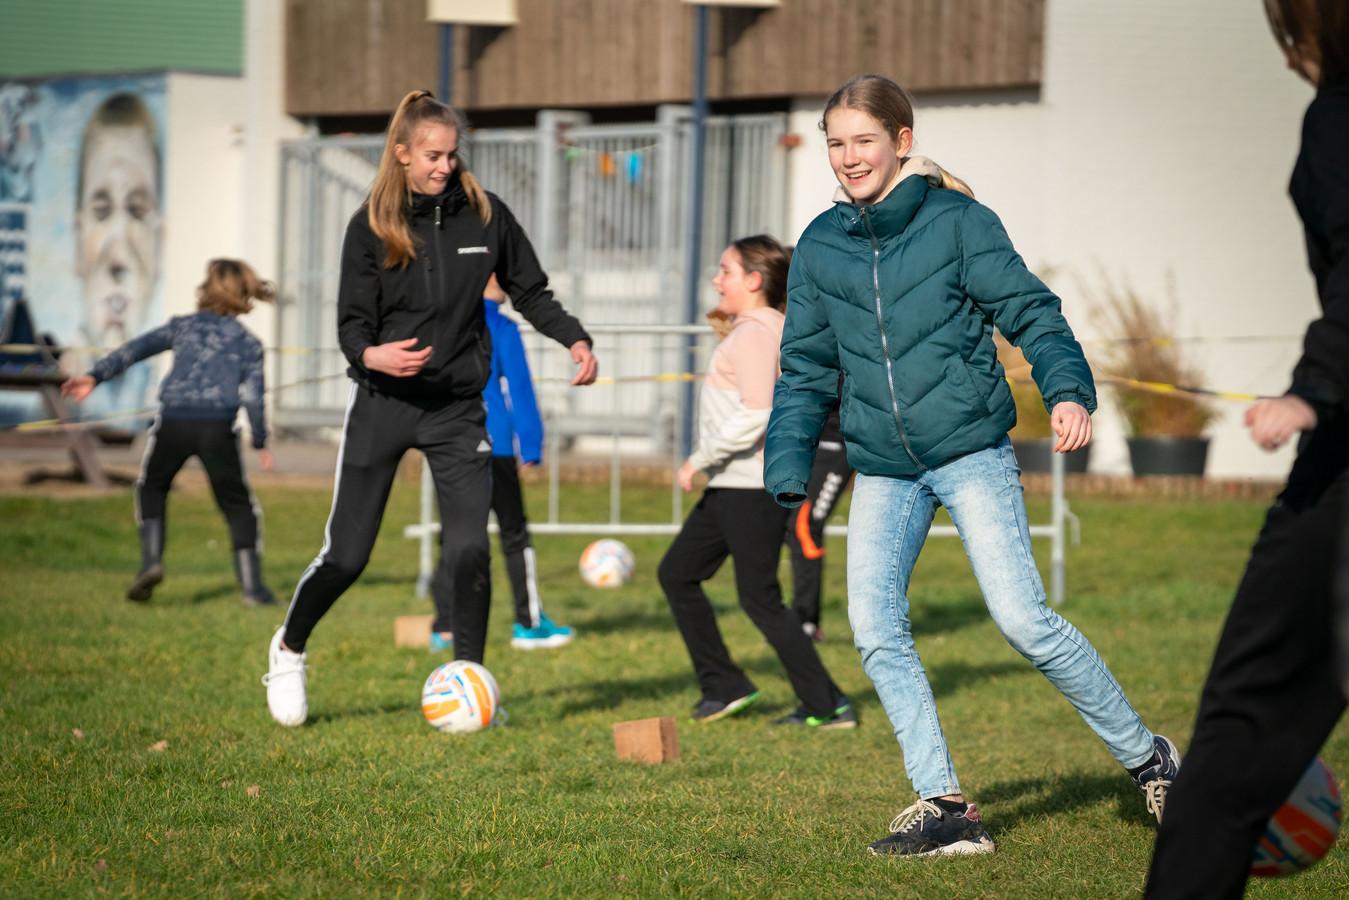 Gendt Vooruit, de Stichting Walburgen Beweegt en sportverenigingen uit het dorp hebben de basisschoolleerlingen tijdens de lockdown in beweging gekregen.